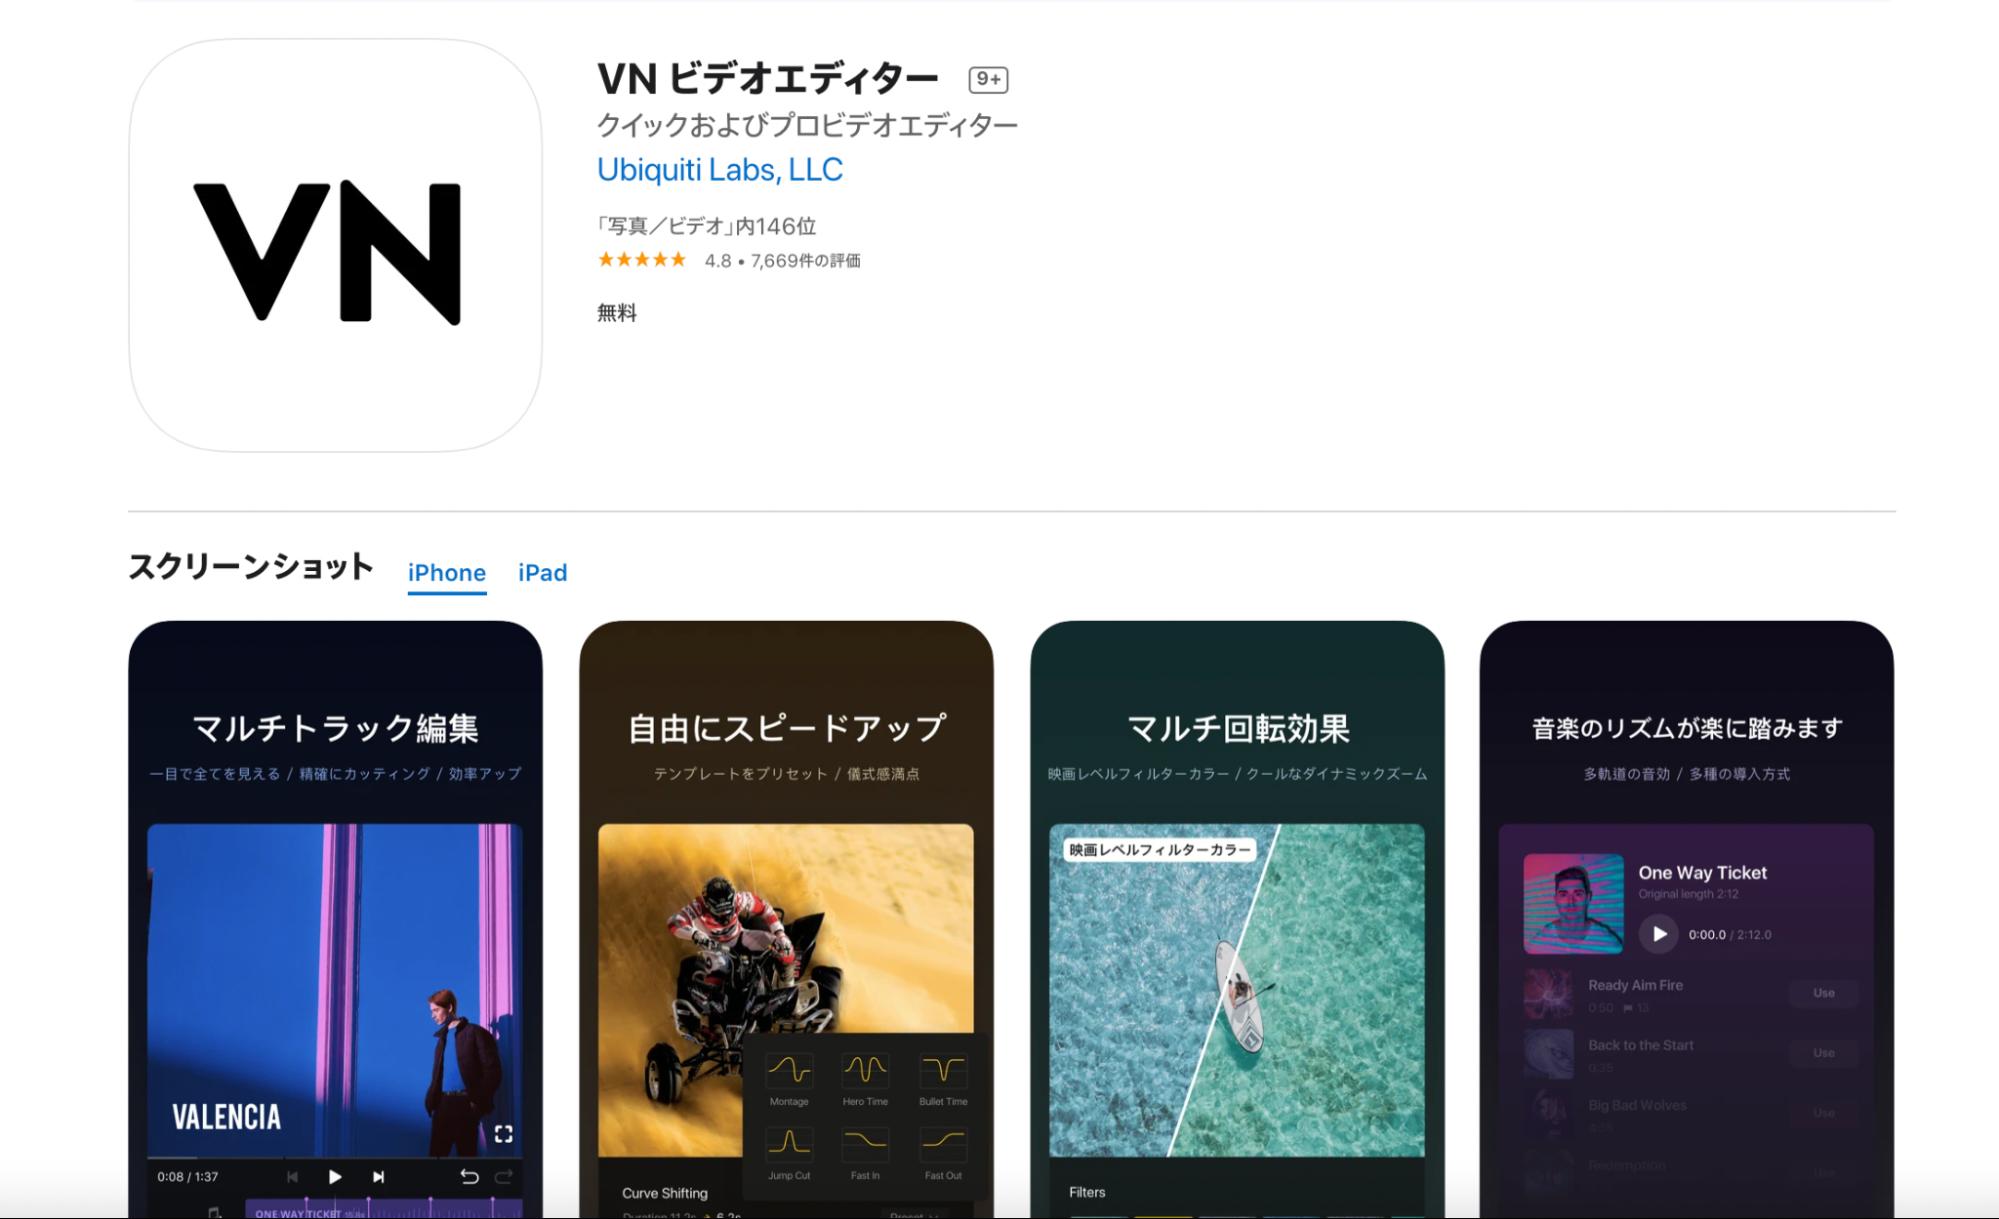 vnのWebサイトトップ画面